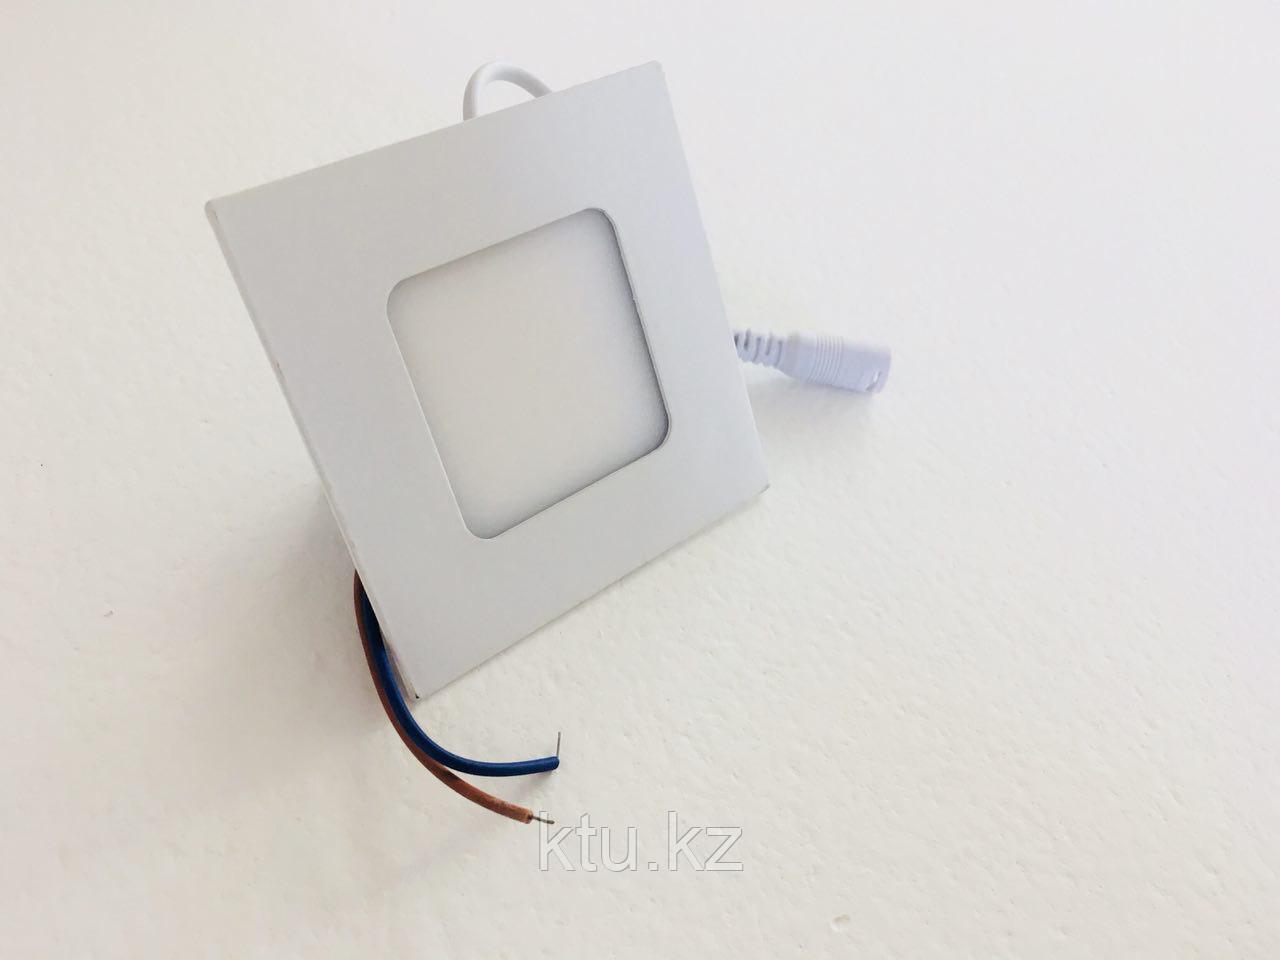 Светильники (споты) JL-F 4W,внутренний 1год гарантия